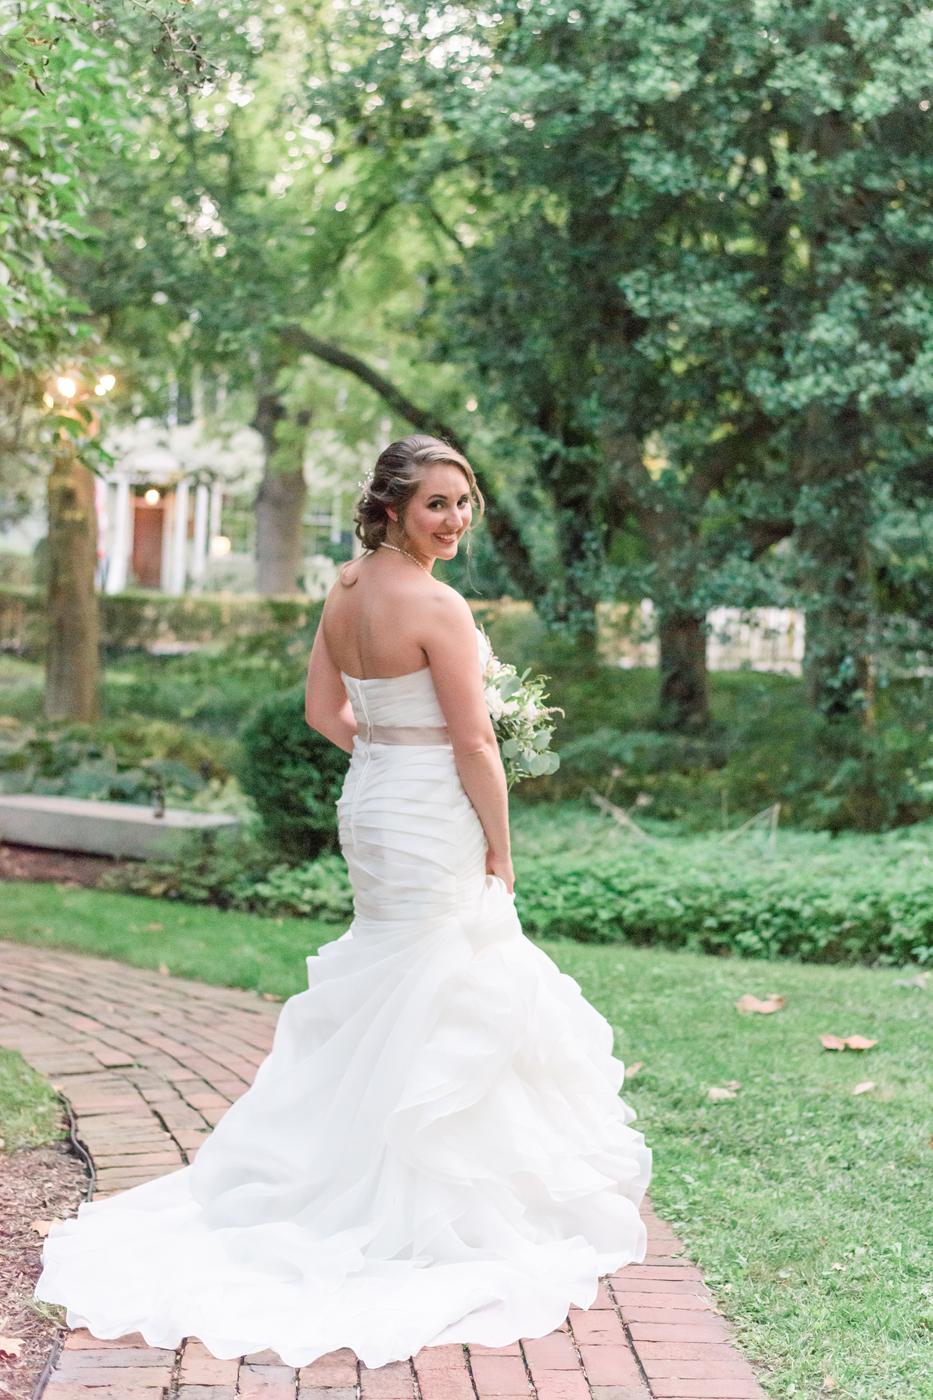 117-0546-jse-wedding-baltimore-4888